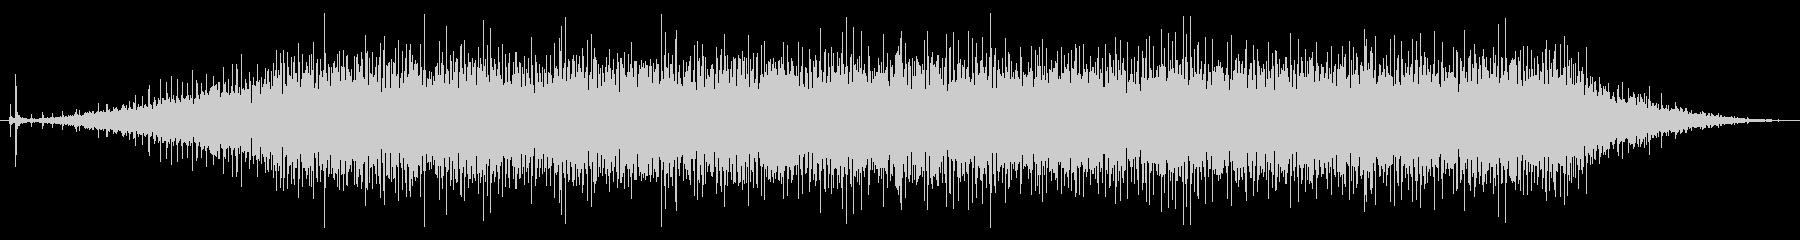 映写機01-3の未再生の波形